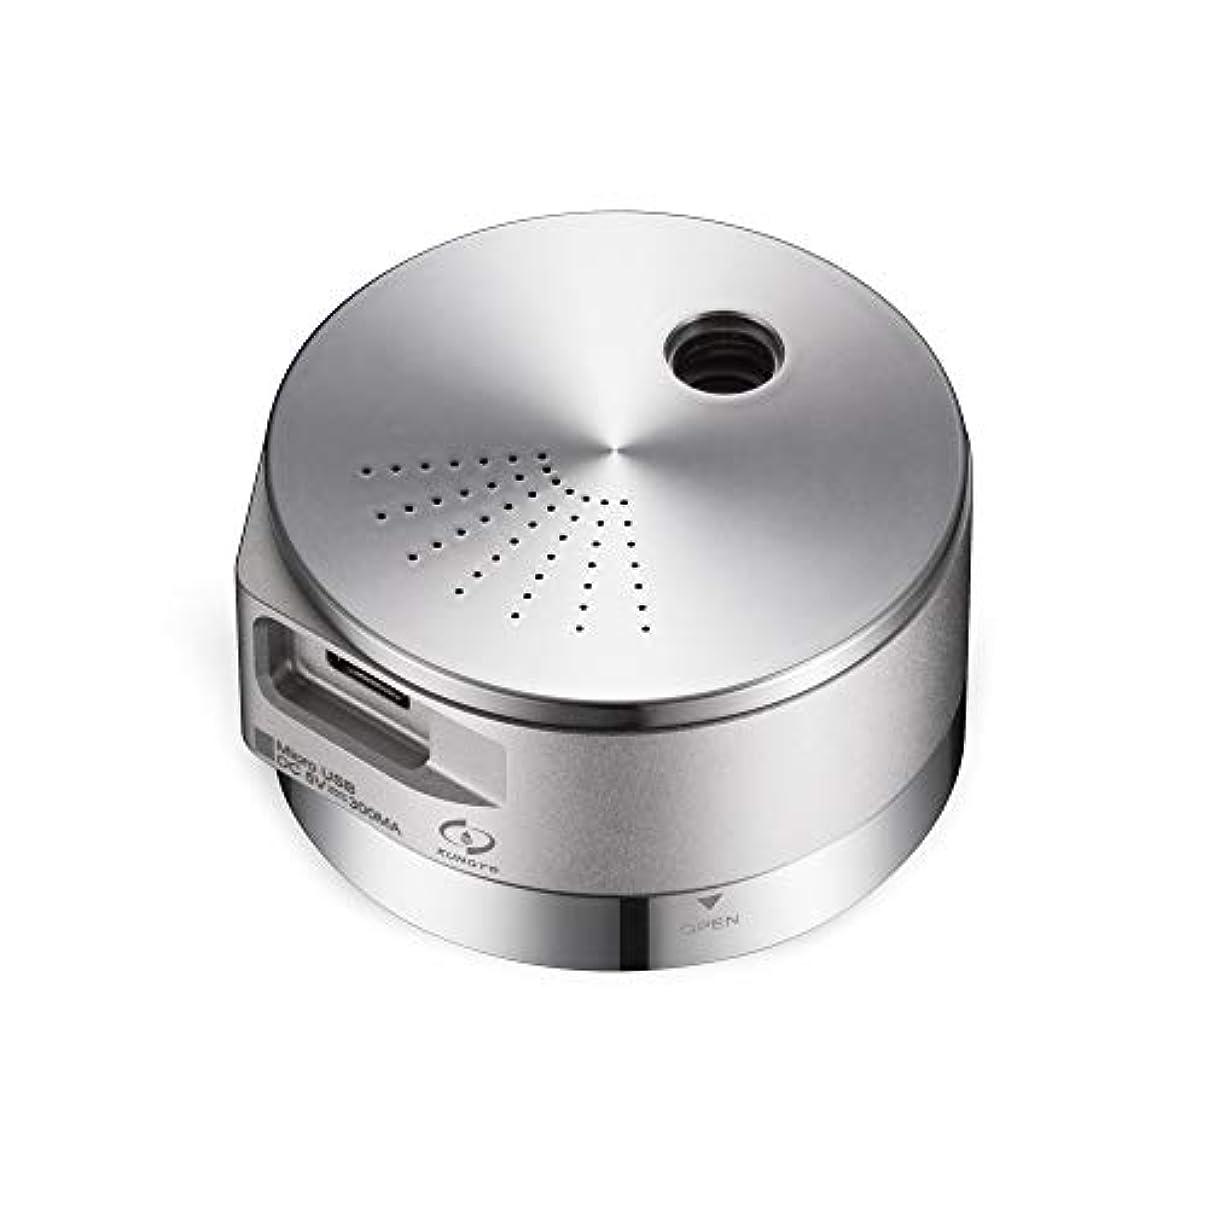 麺合成加入ミニ加湿器 - ポータブルエッセンシャルオイルディフューザー、USBチャージ、自動シャットオフアロマディフューザー(アルミ、25ml) 141[並行輸入]